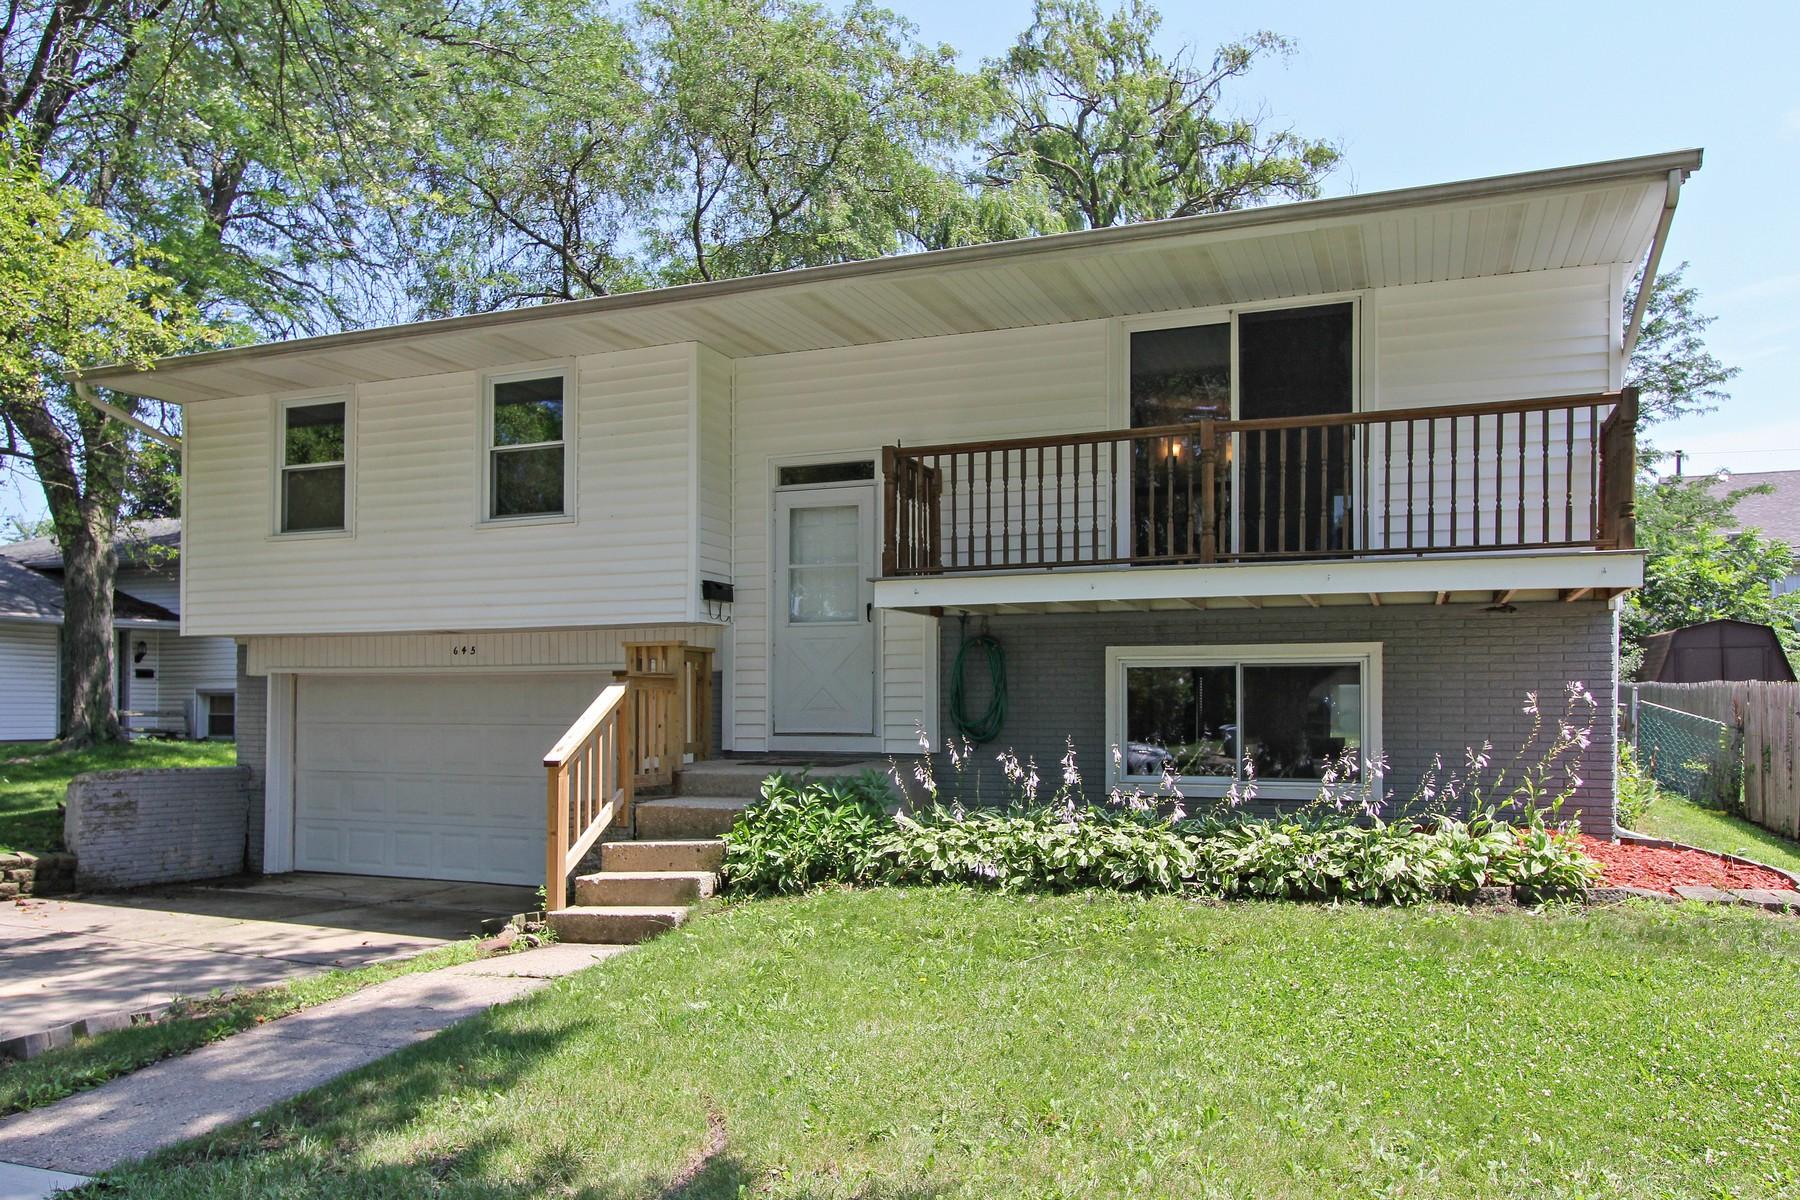 Maison unifamiliale pour l Vente à Beautiful Home on Tree-Lined Street 645 Thornwood Drive Buffalo Grove, Illinois, 60089 États-Unis